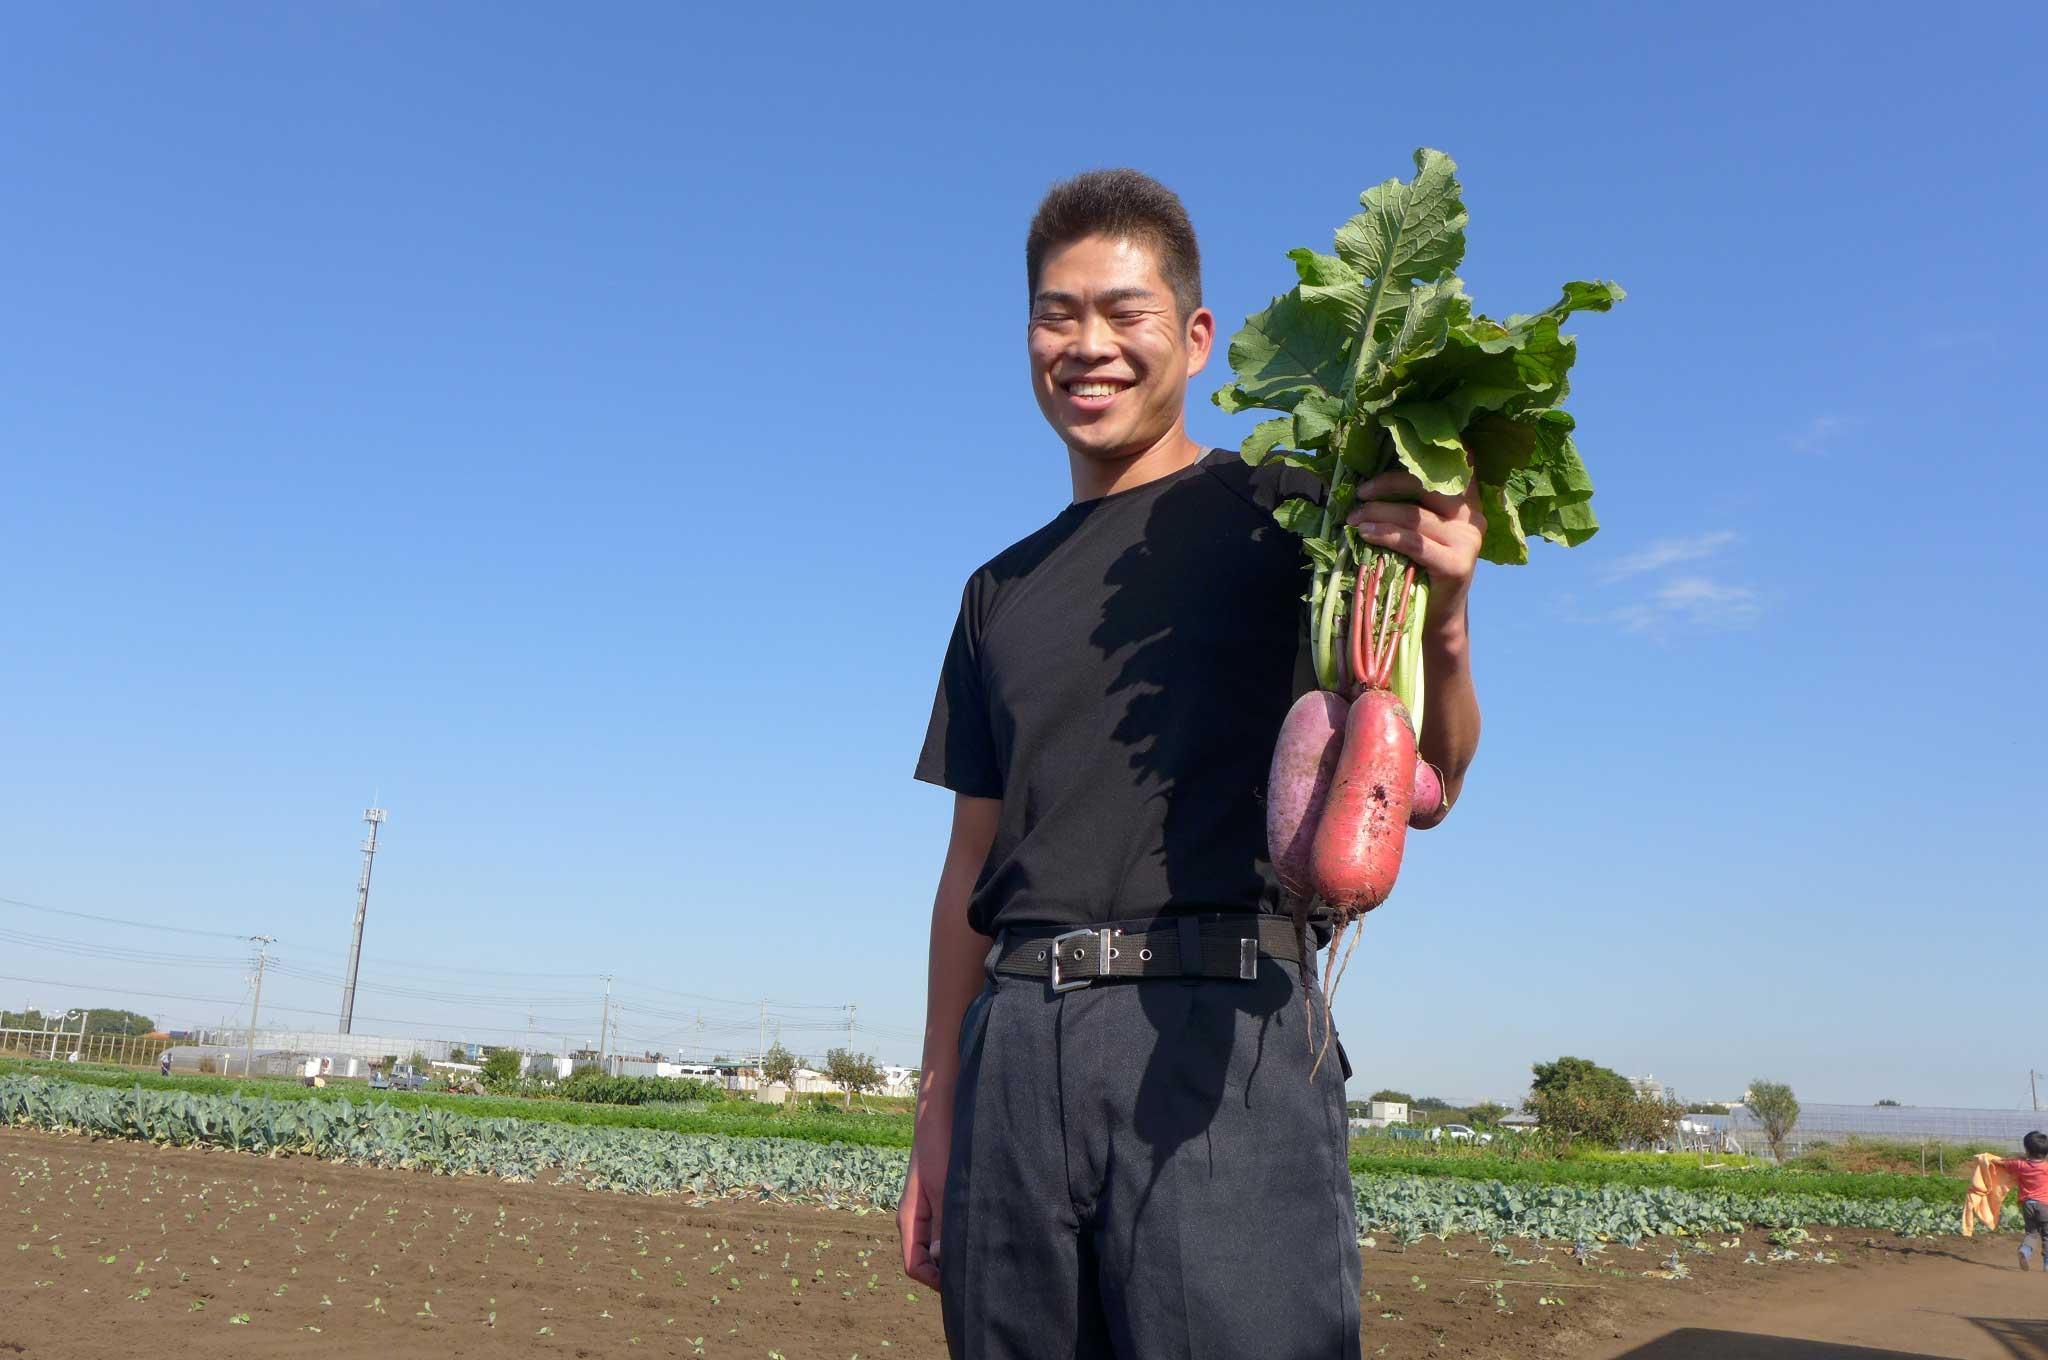 小間園芸【横浜市泉区の野菜直売所」】